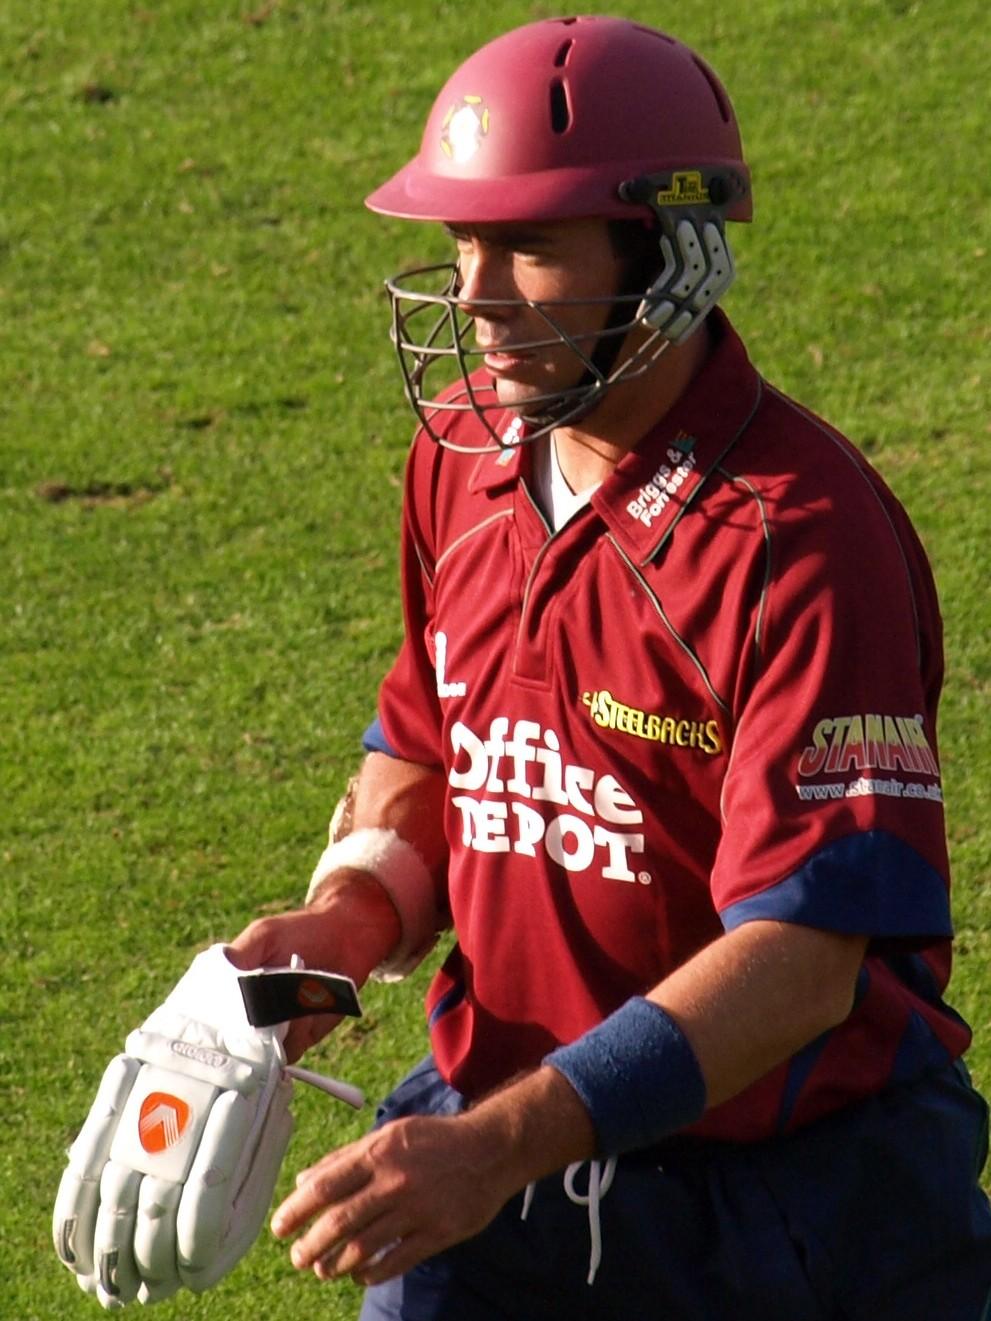 Nicky Boje - Wikipedia